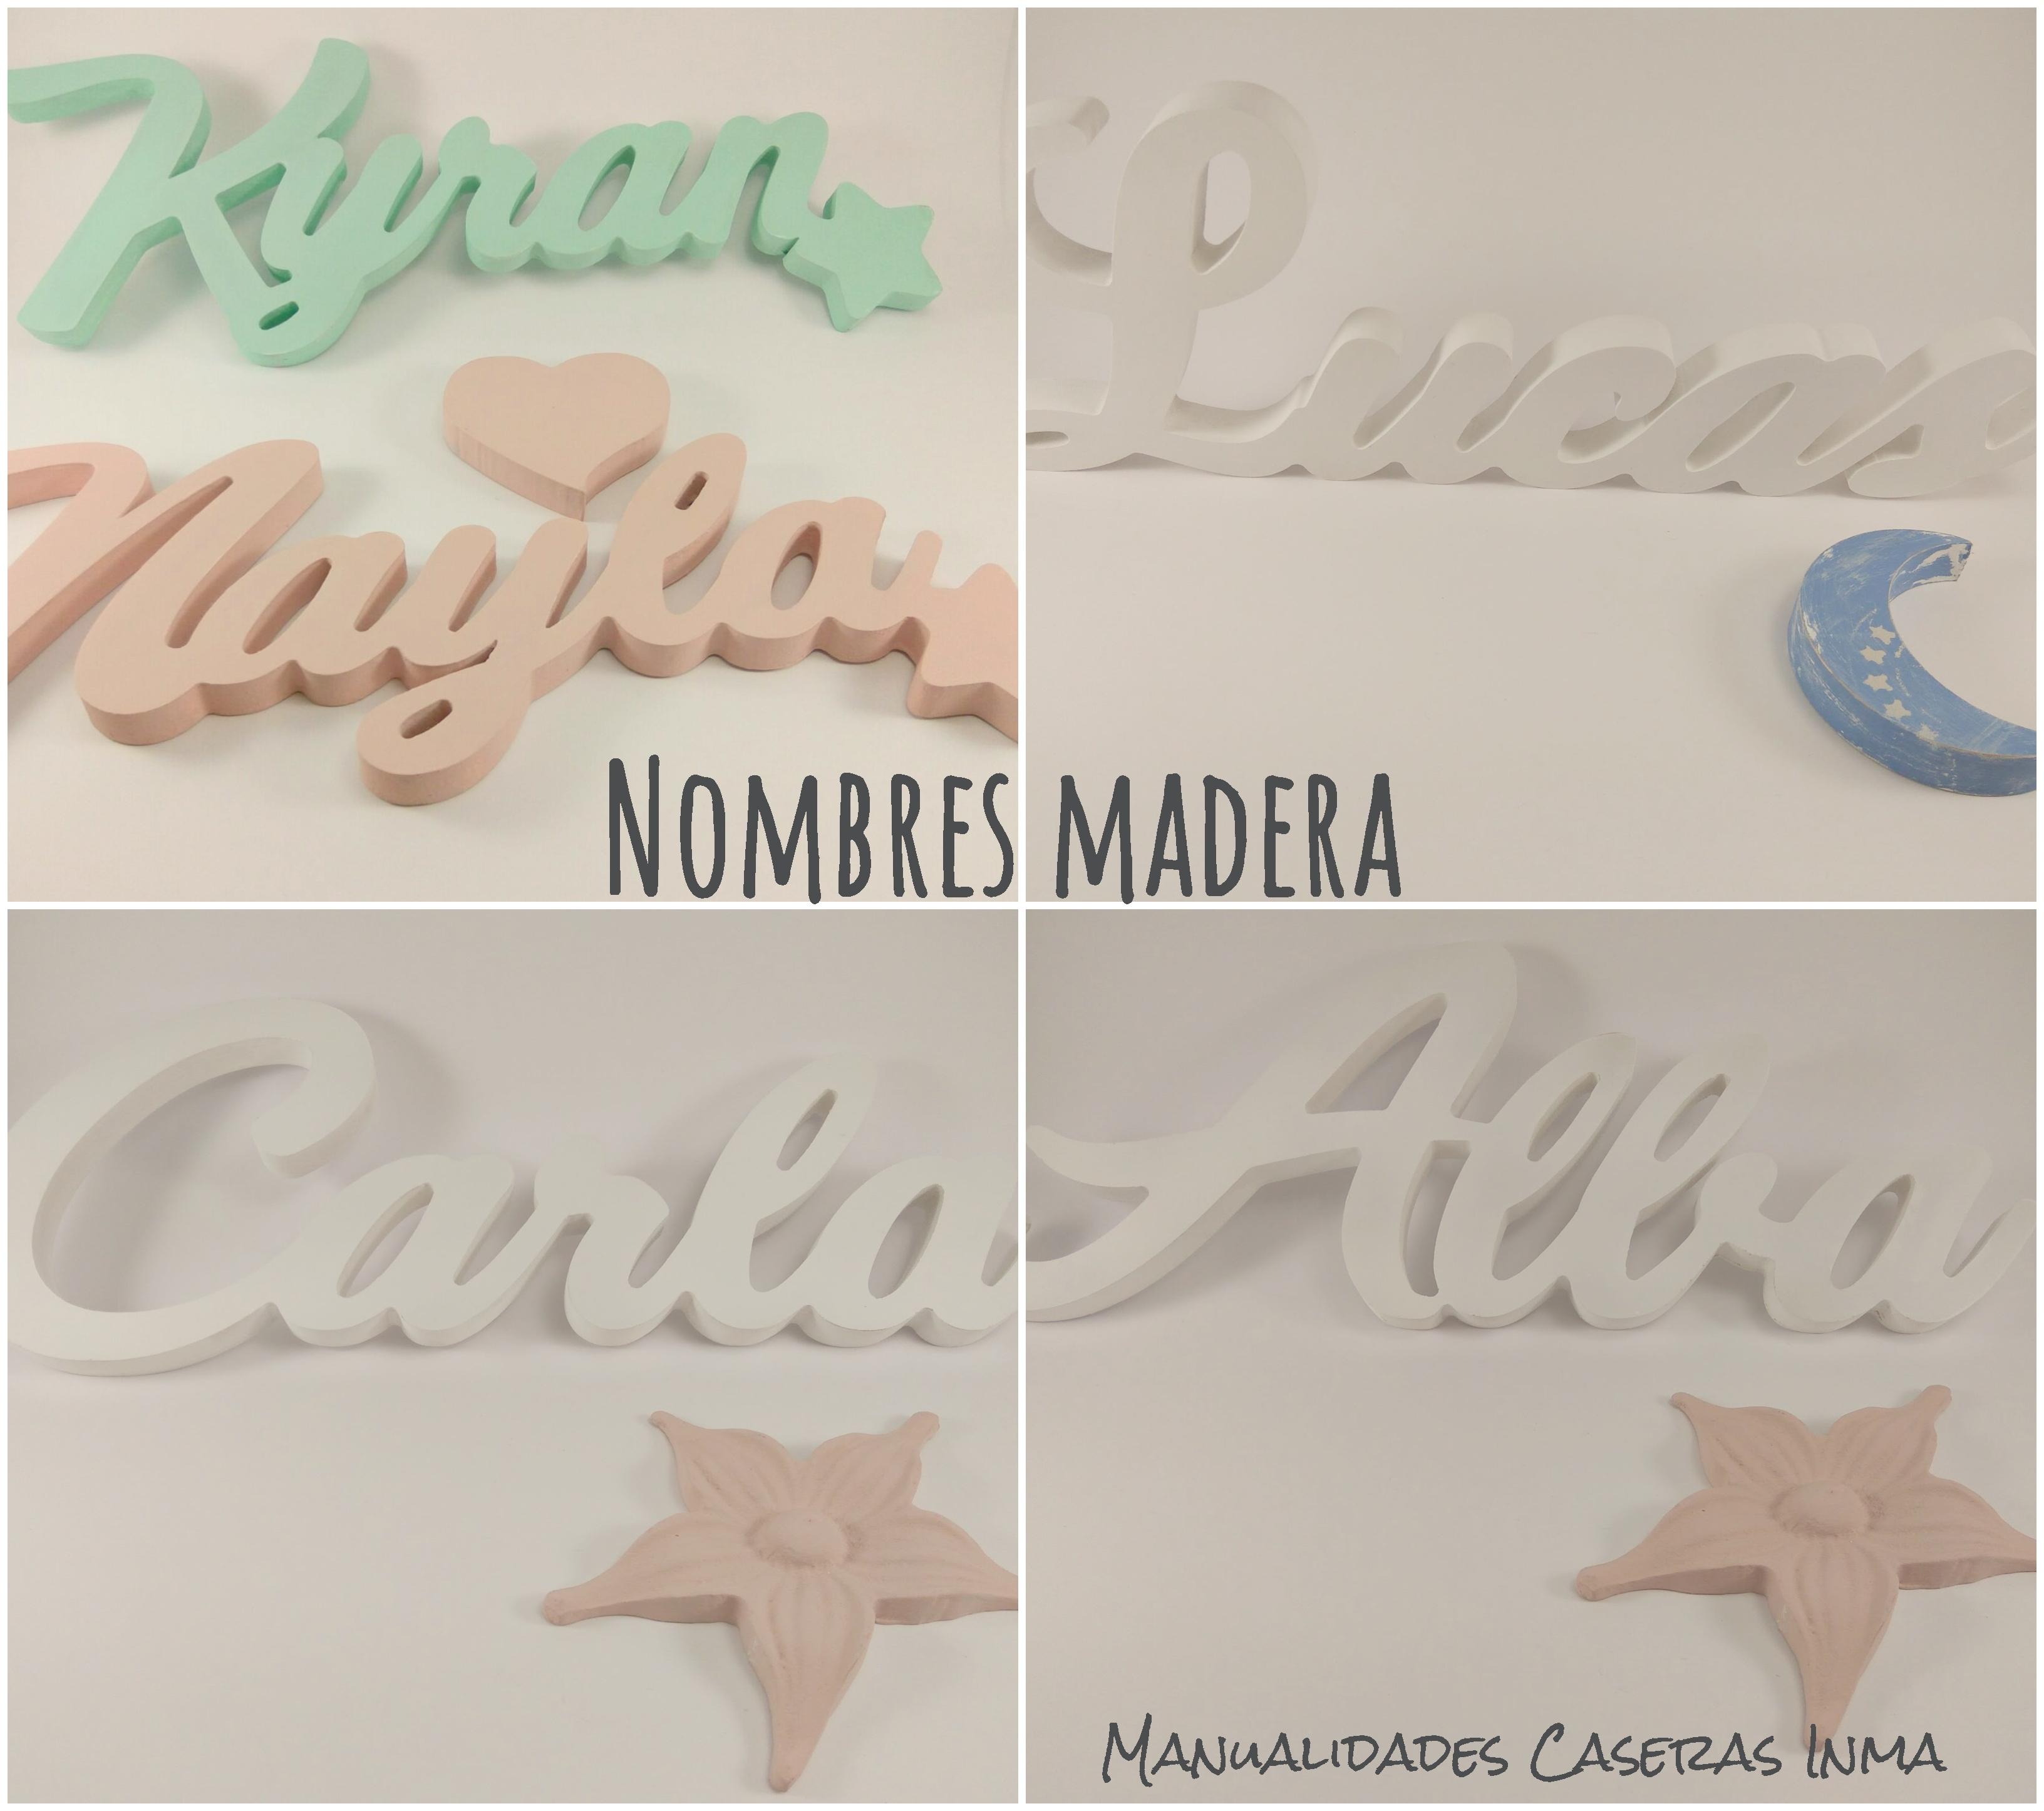 Manualidades Caseras Inma_ Nombres de madera pintatos con Chalk Paint